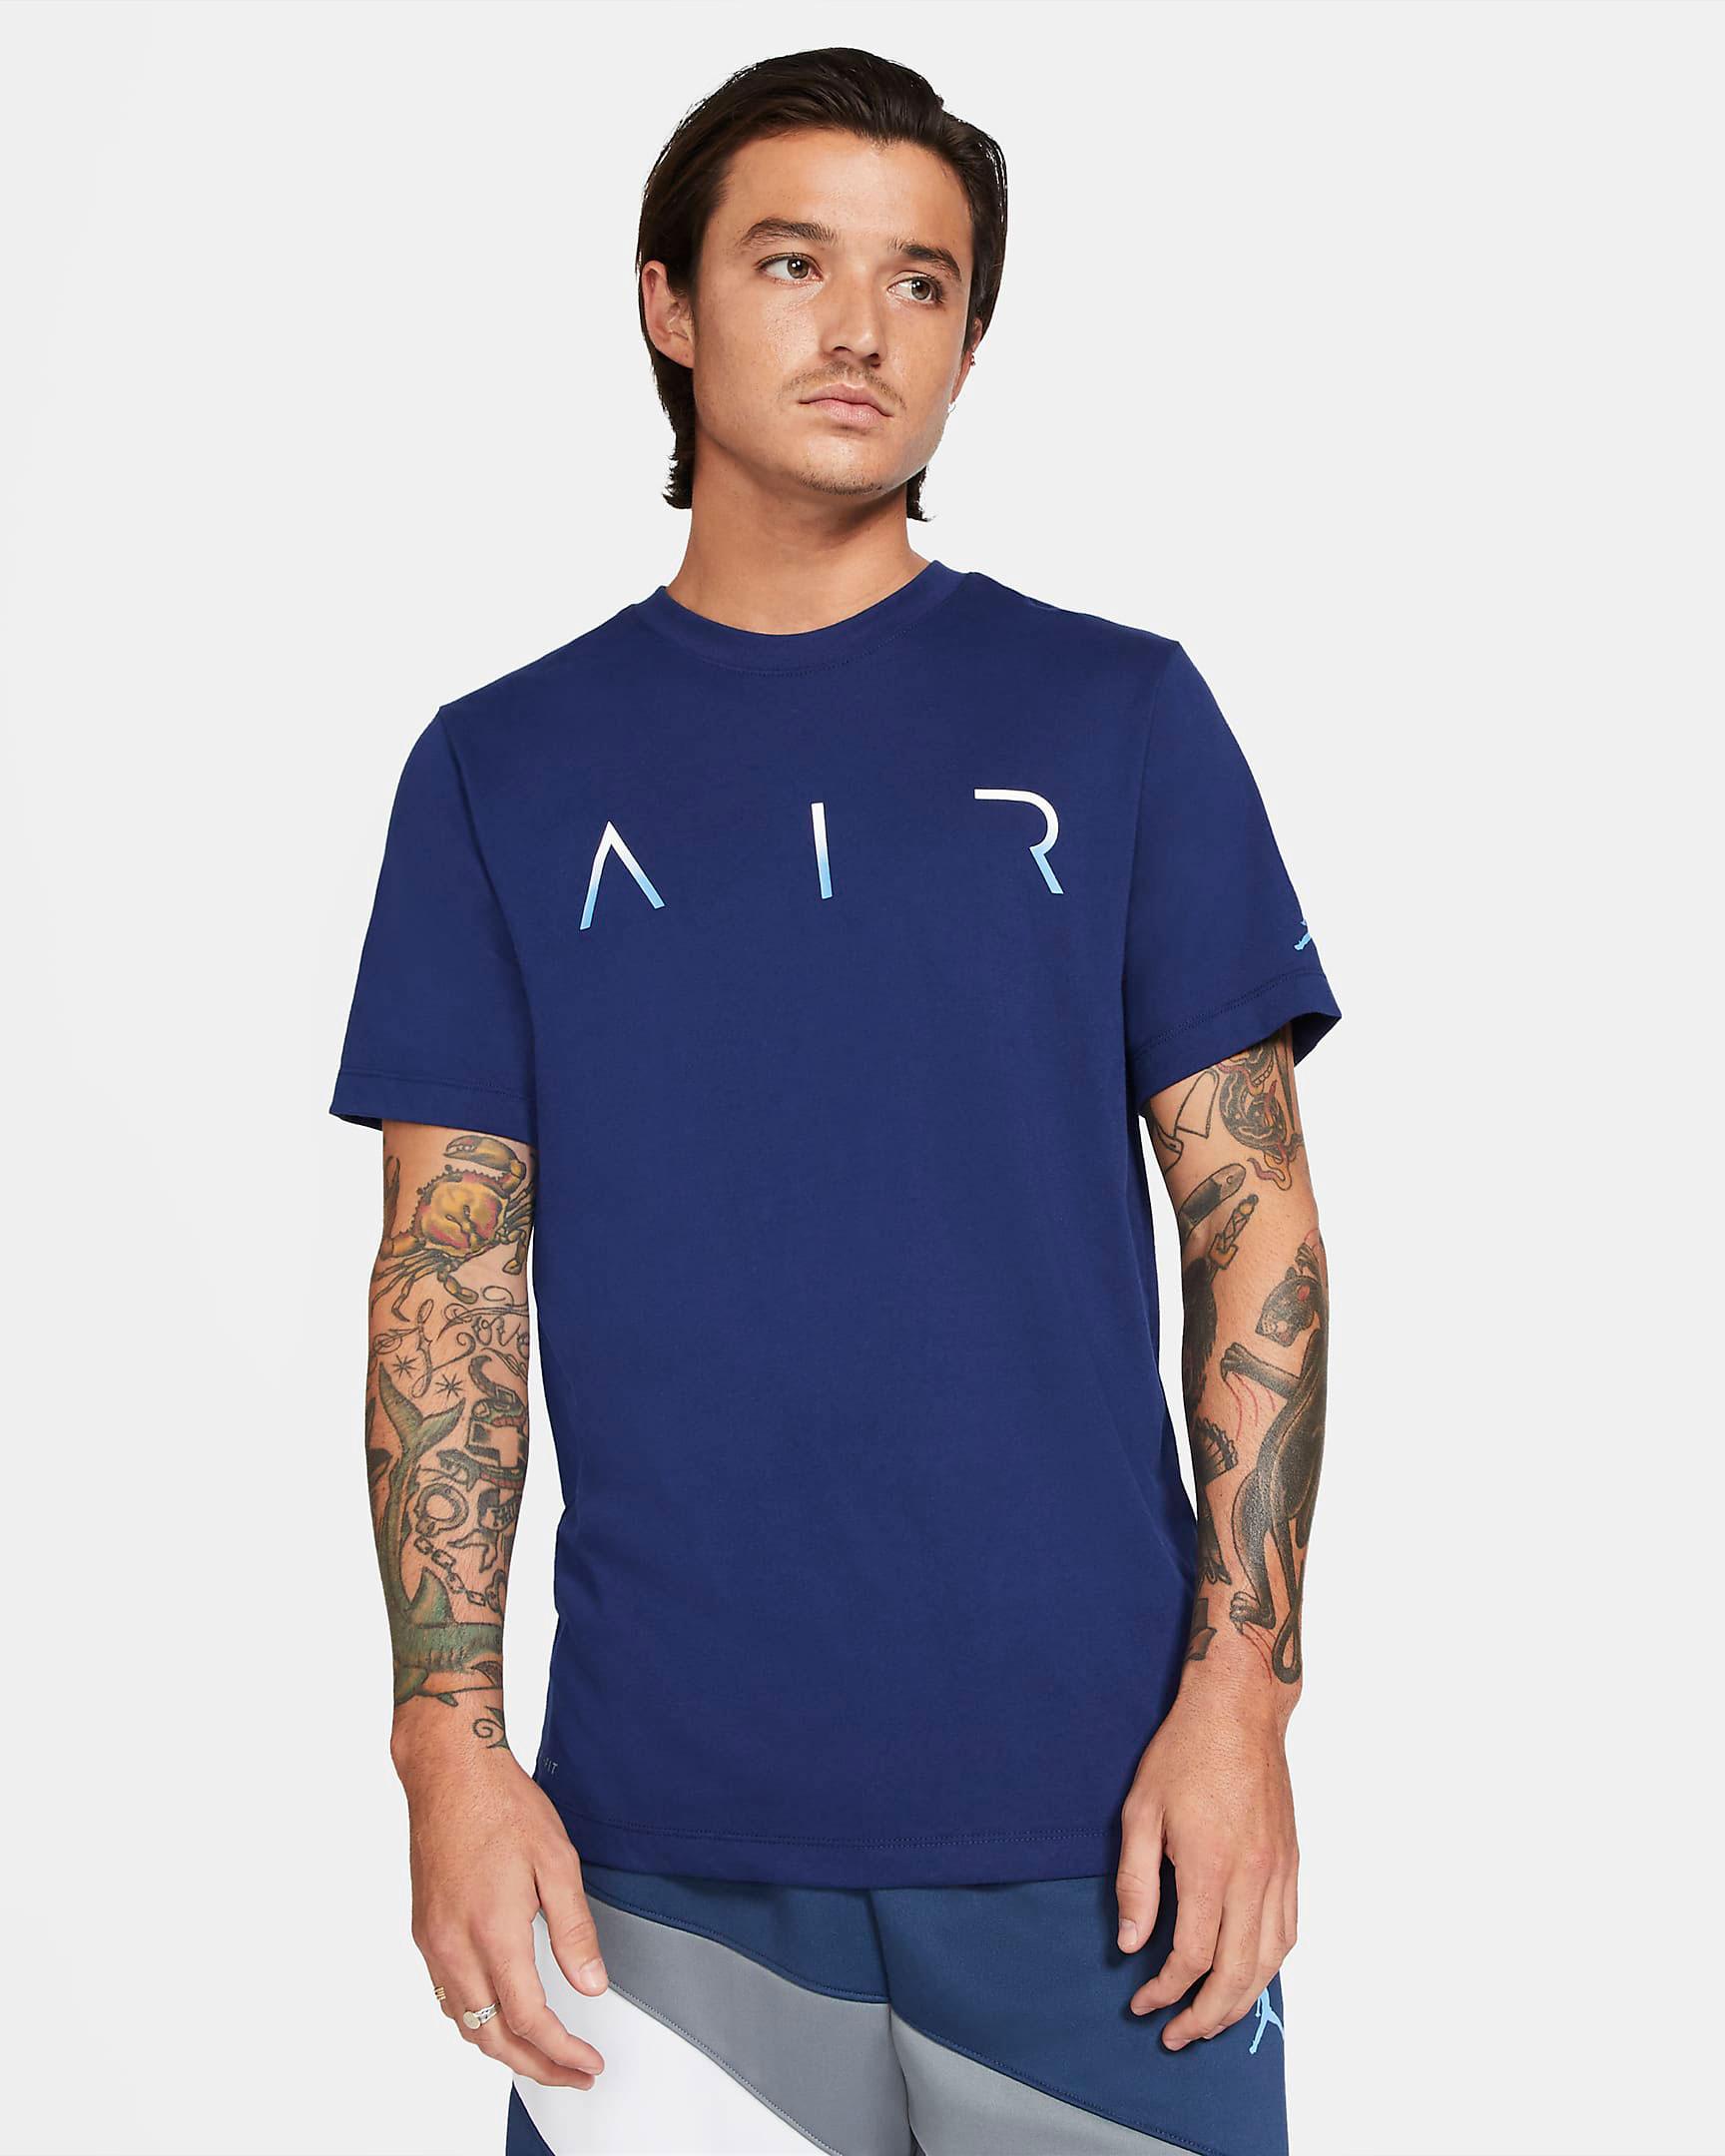 jordan-jumpman-air-shirt-navy-university-blue-1